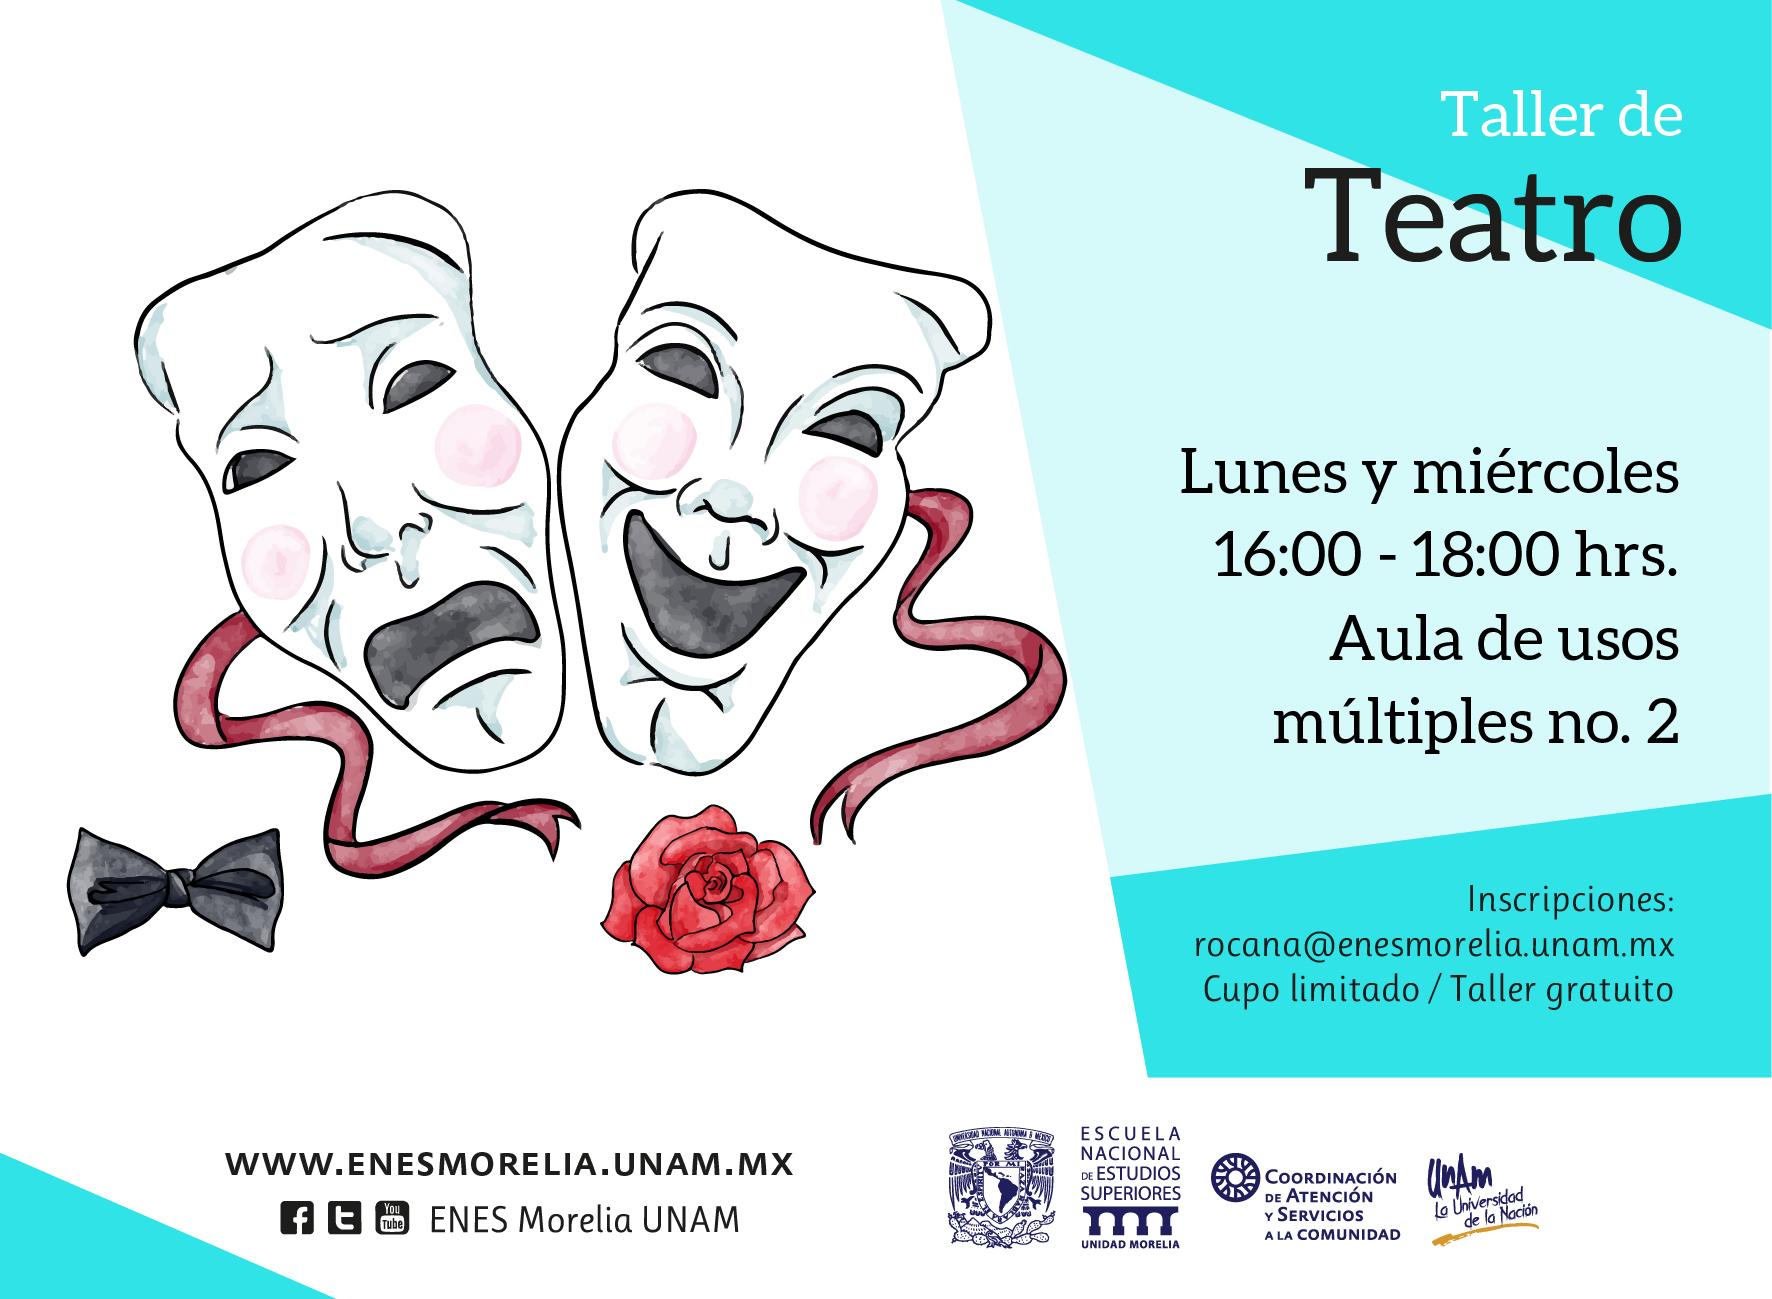 talleres-atencioncomunidad-enes-06